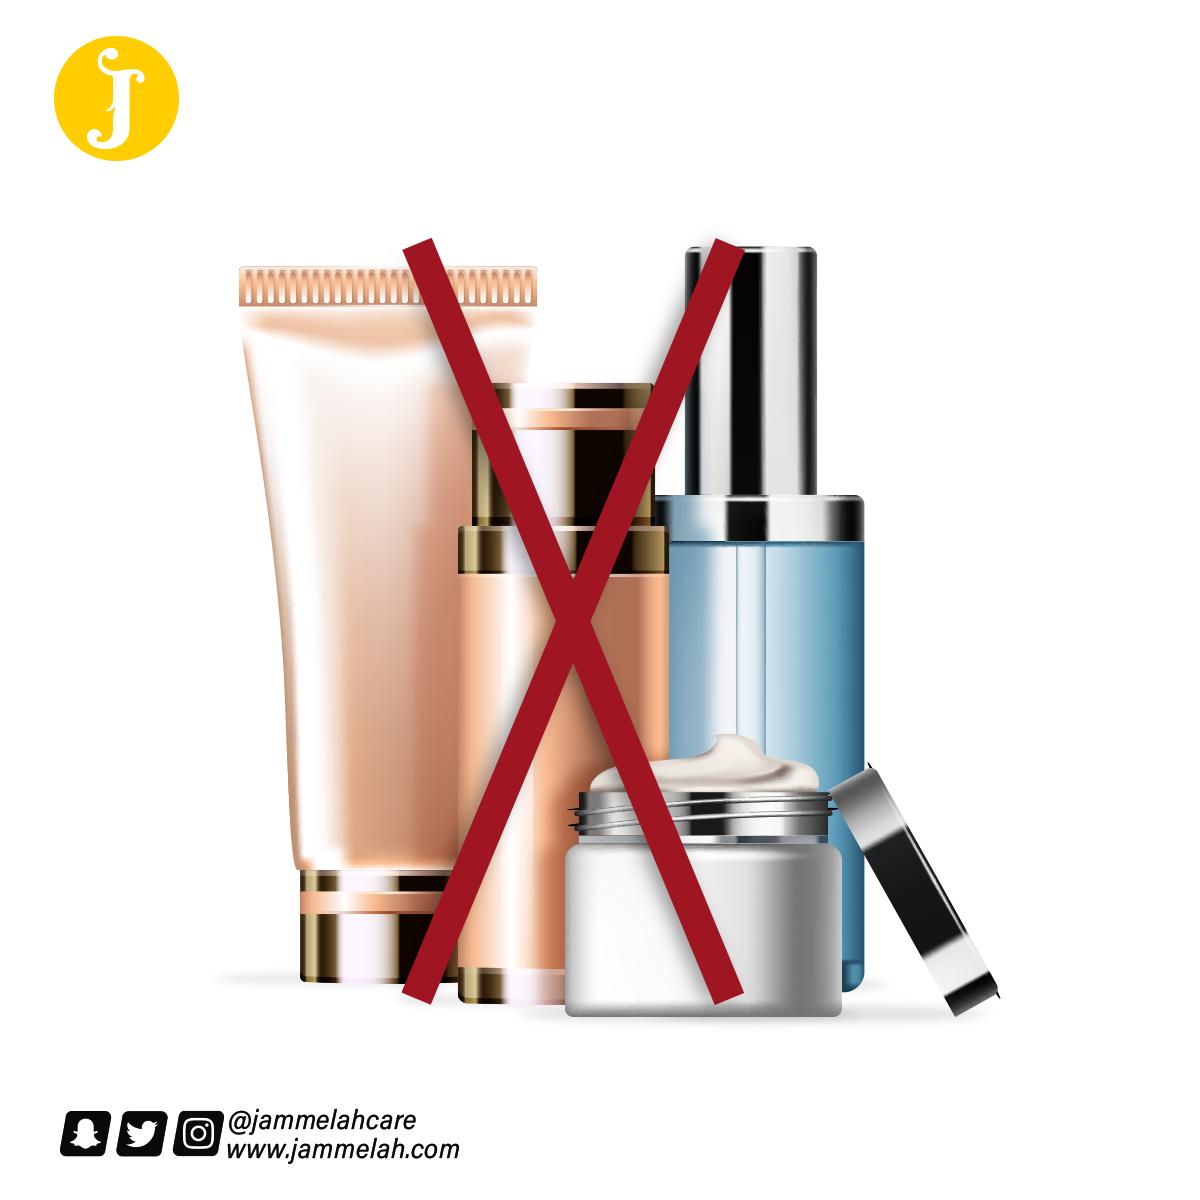 منتجات غير موثوق بها تحتوي على مواد ضارة للبشرة